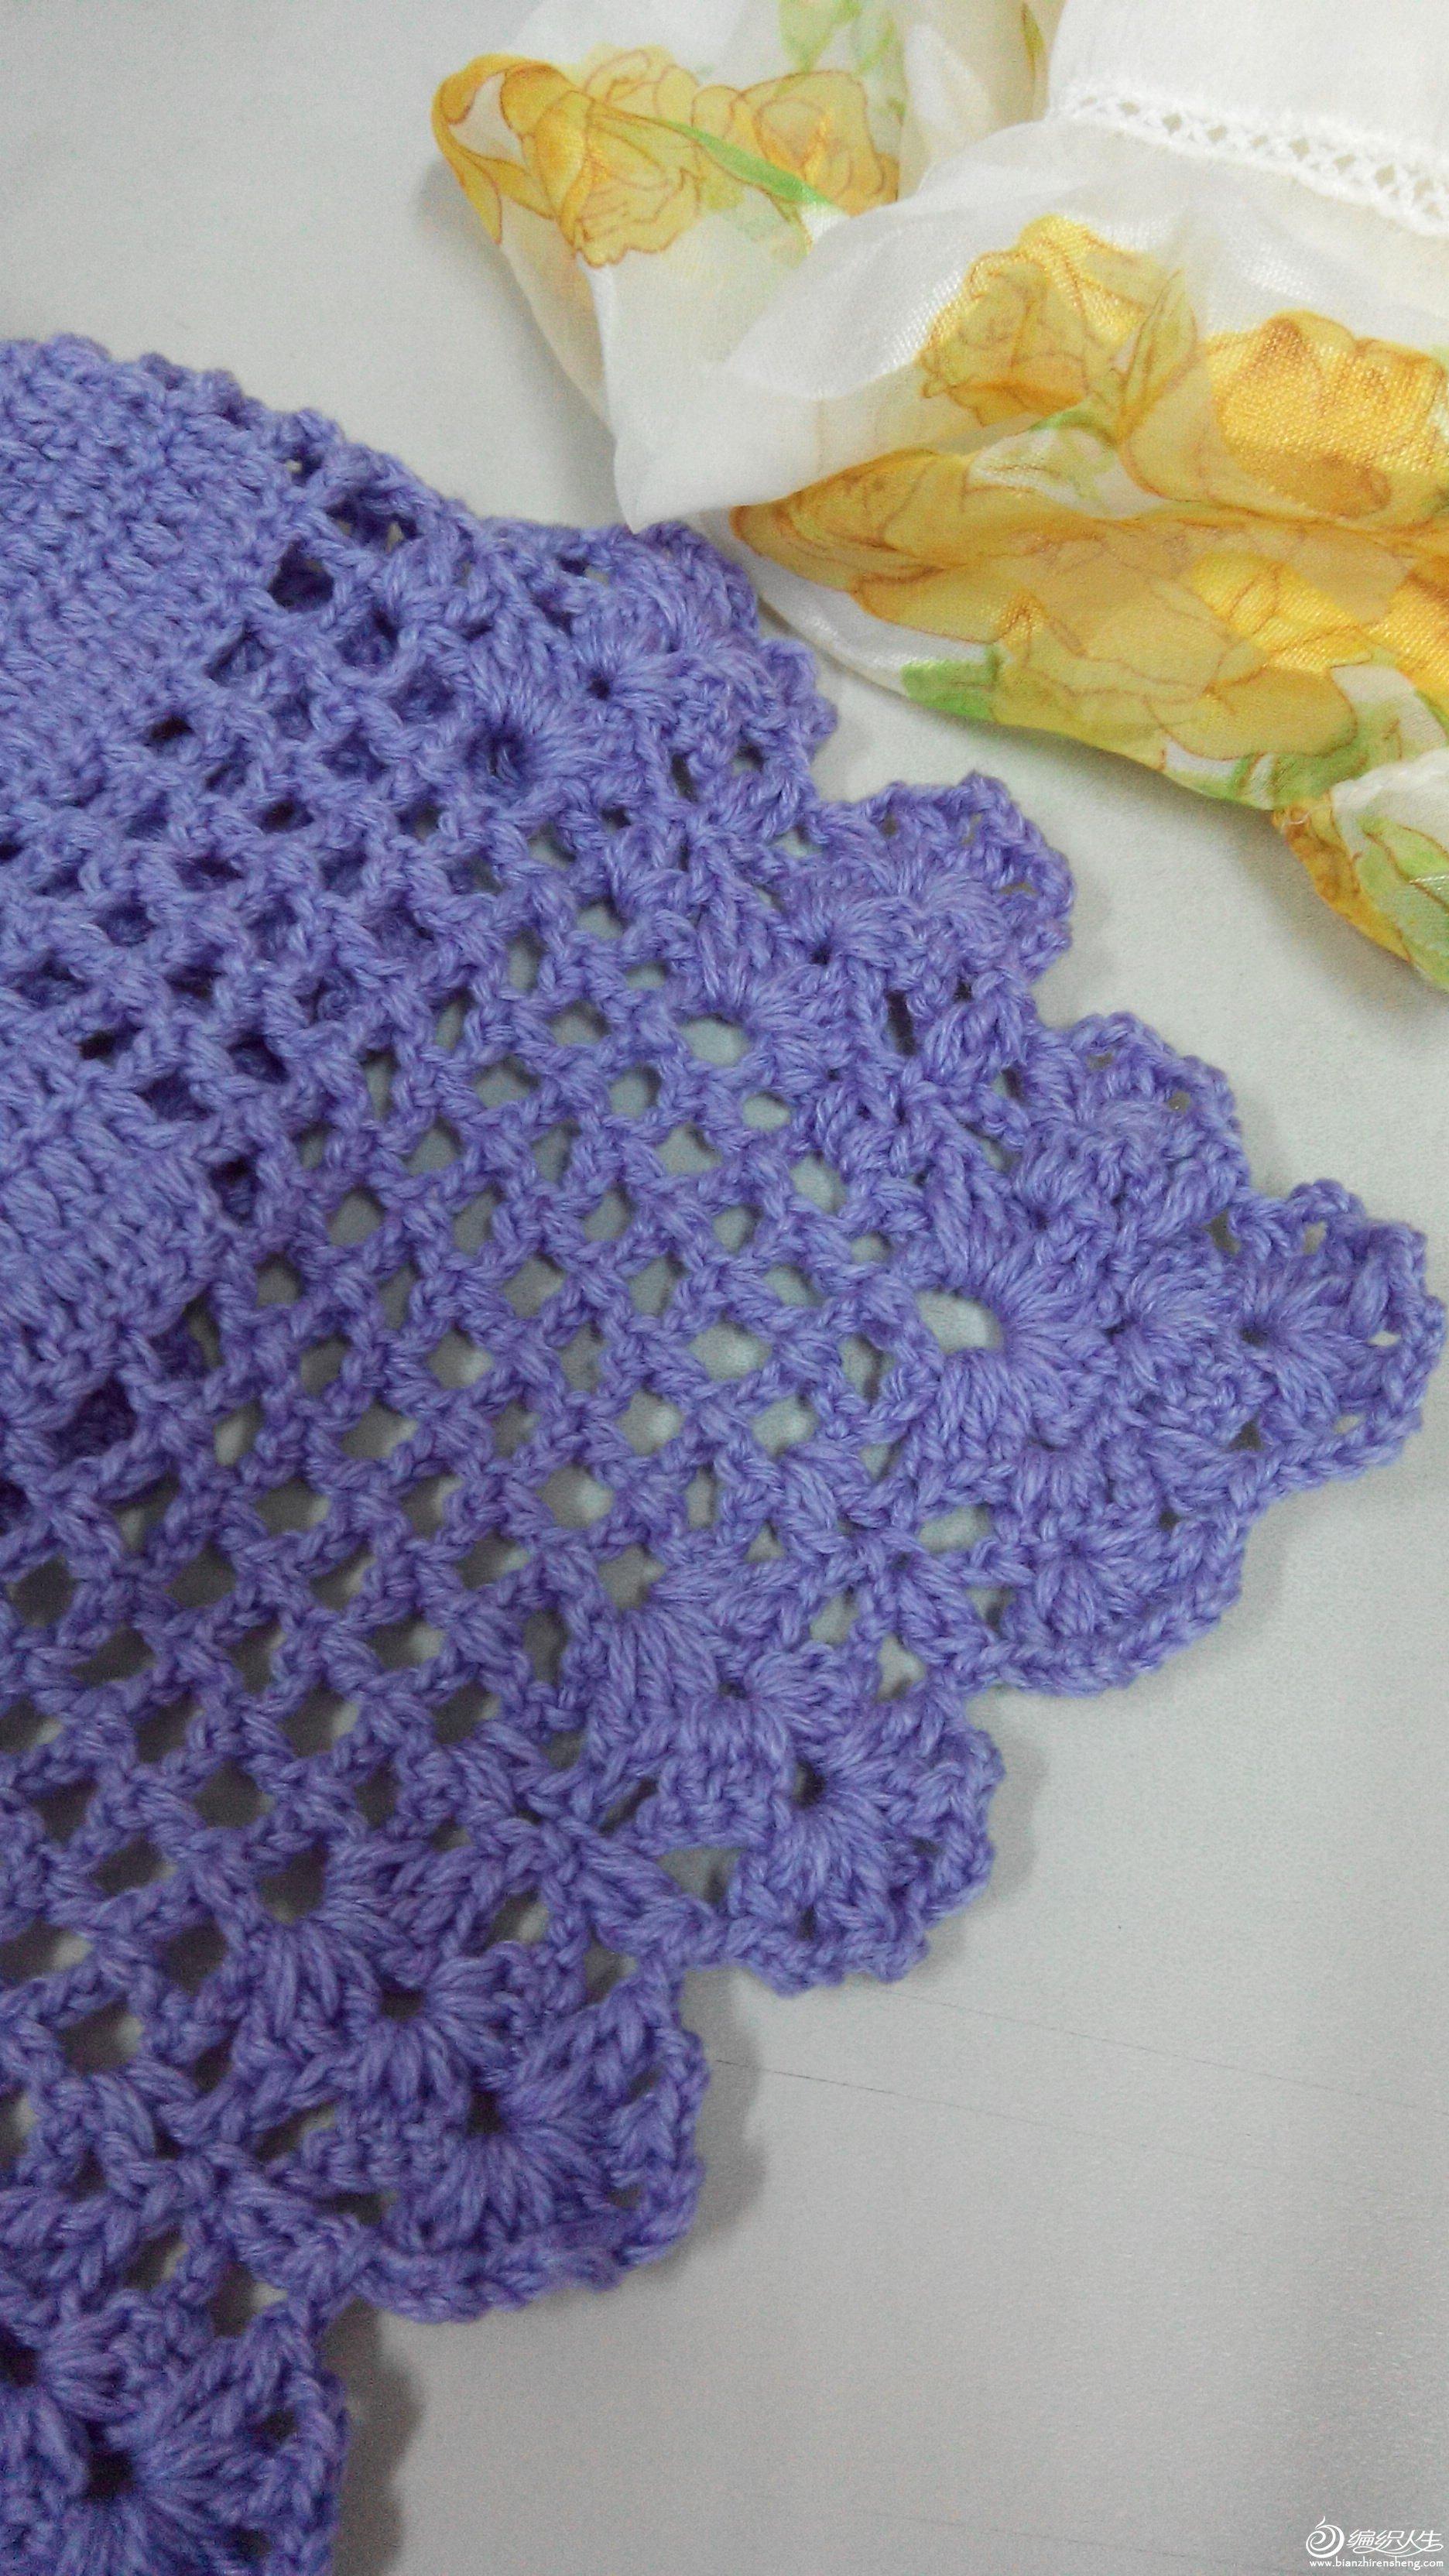 蝴蝶围巾图解